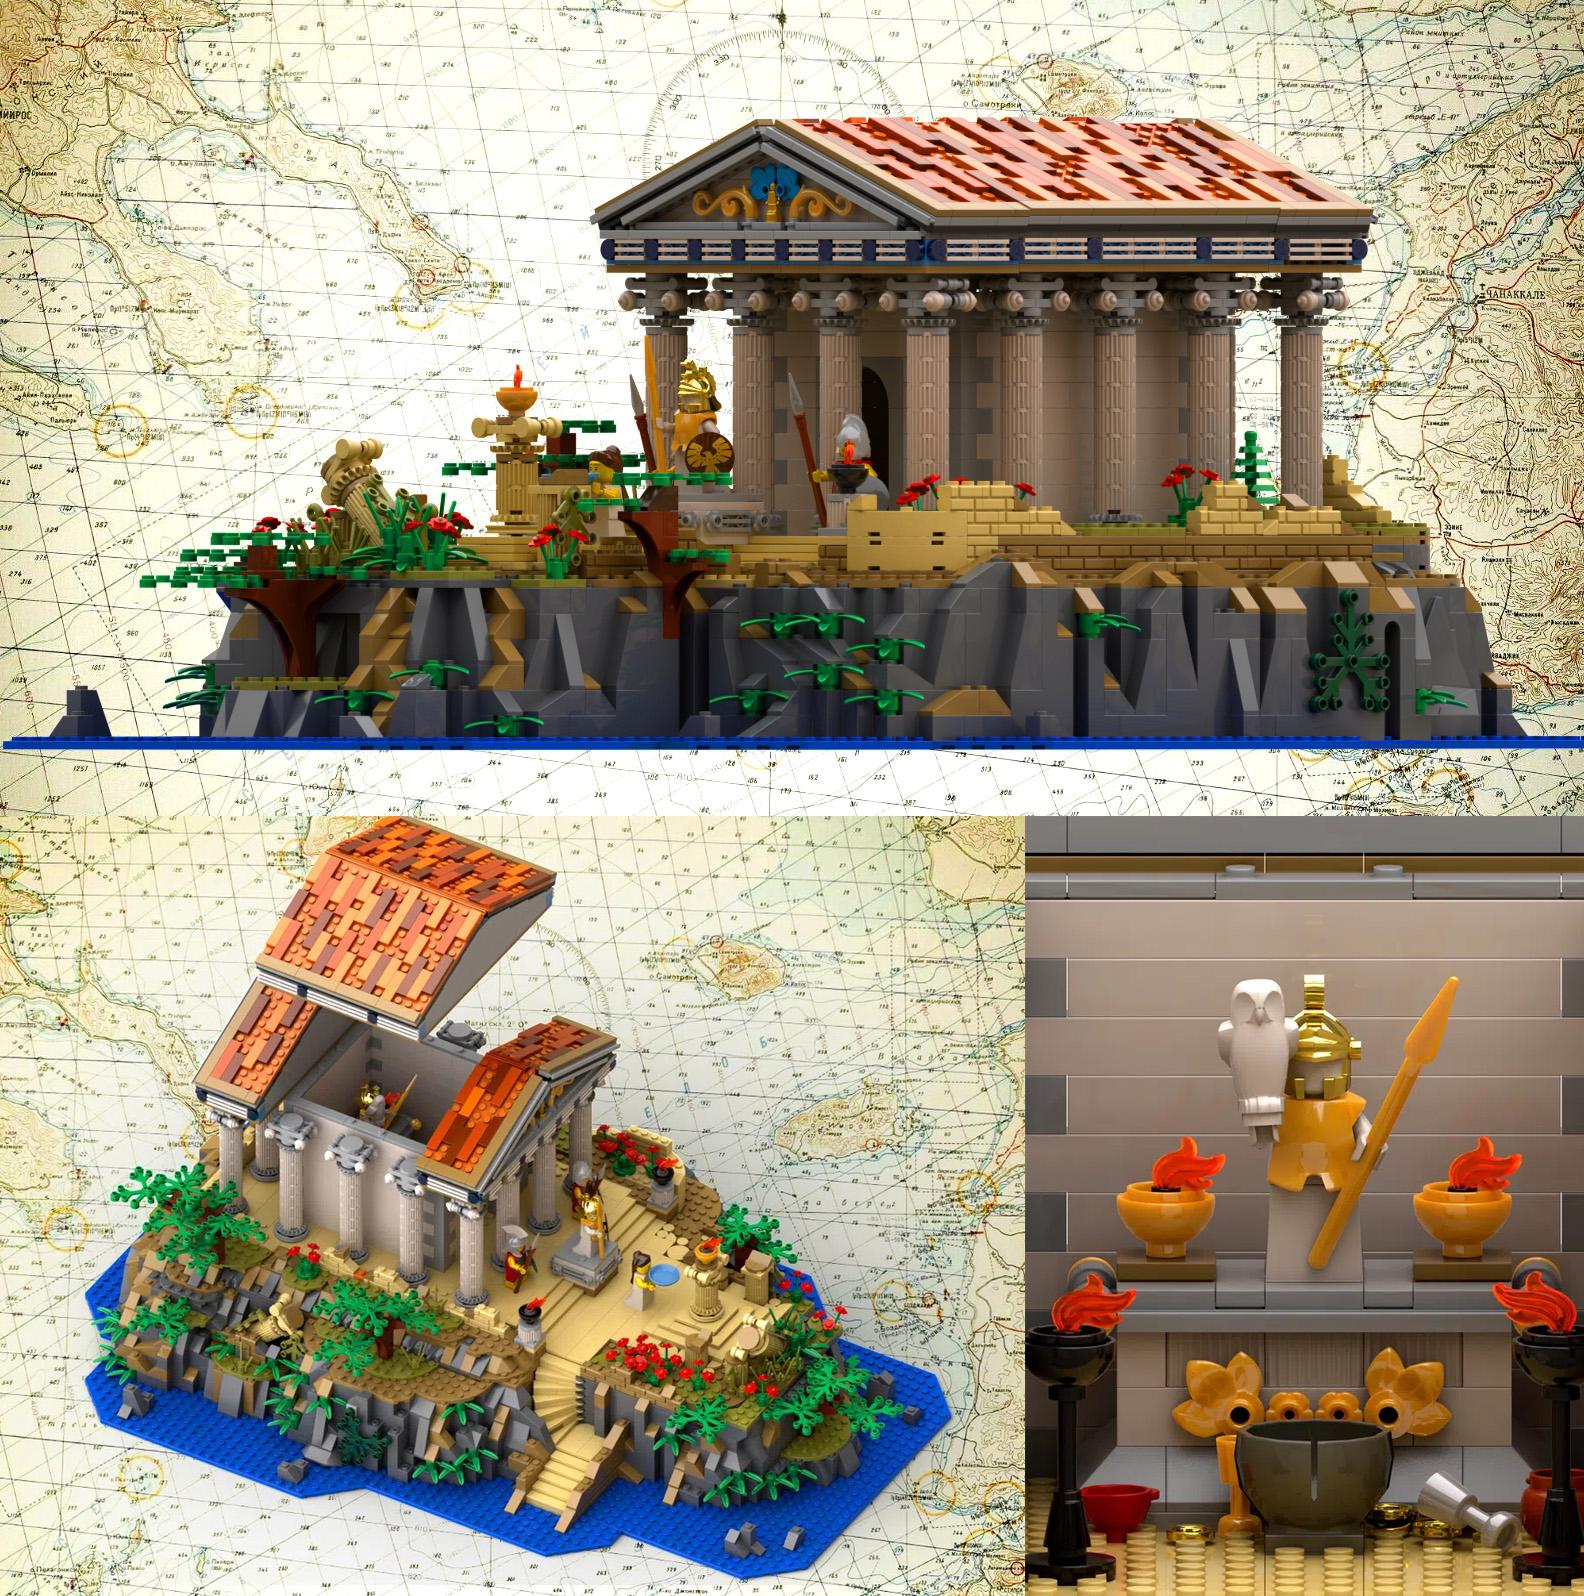 レゴアイデアで『古代ギリシャ神殿』が製品化レビュー進出!2021年第1回1万サポート獲得デザイン紹介